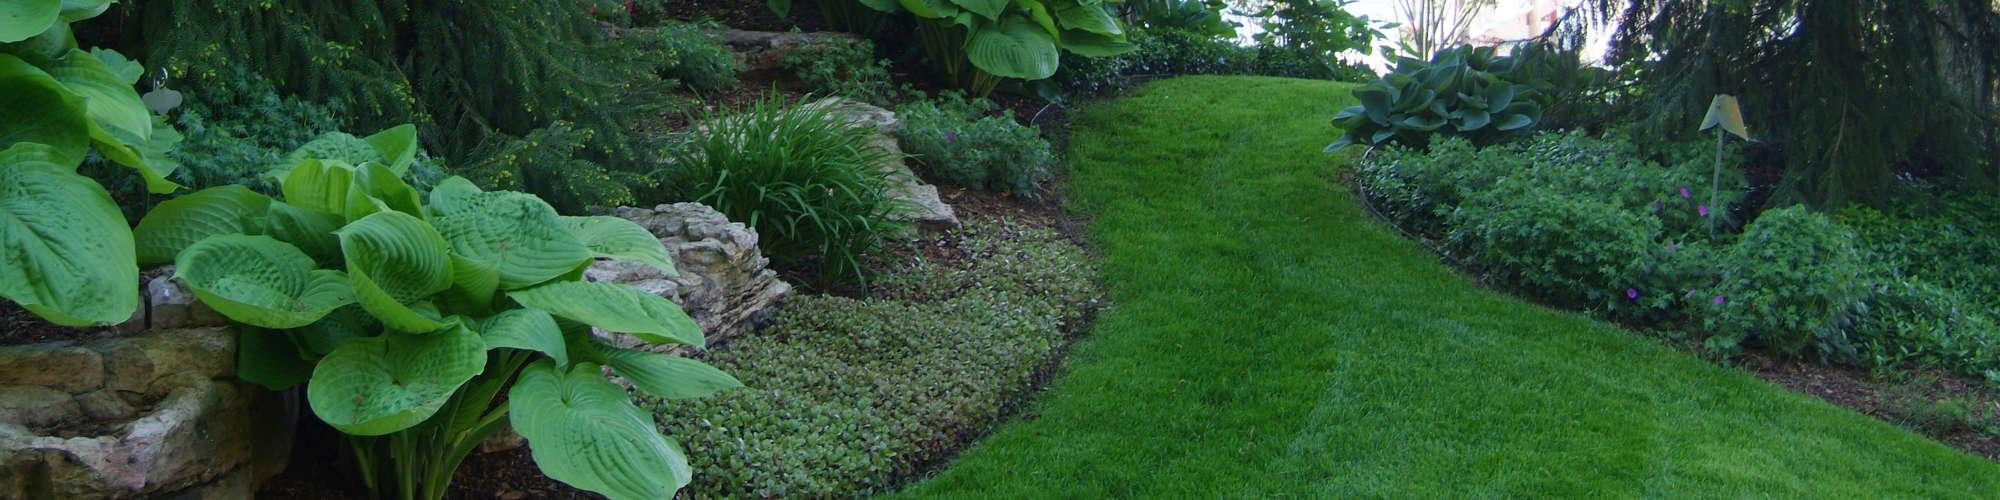 Detailing and Bed Maintenance - Windscapes Landscaping - Landscape Design Grand Rapids MI